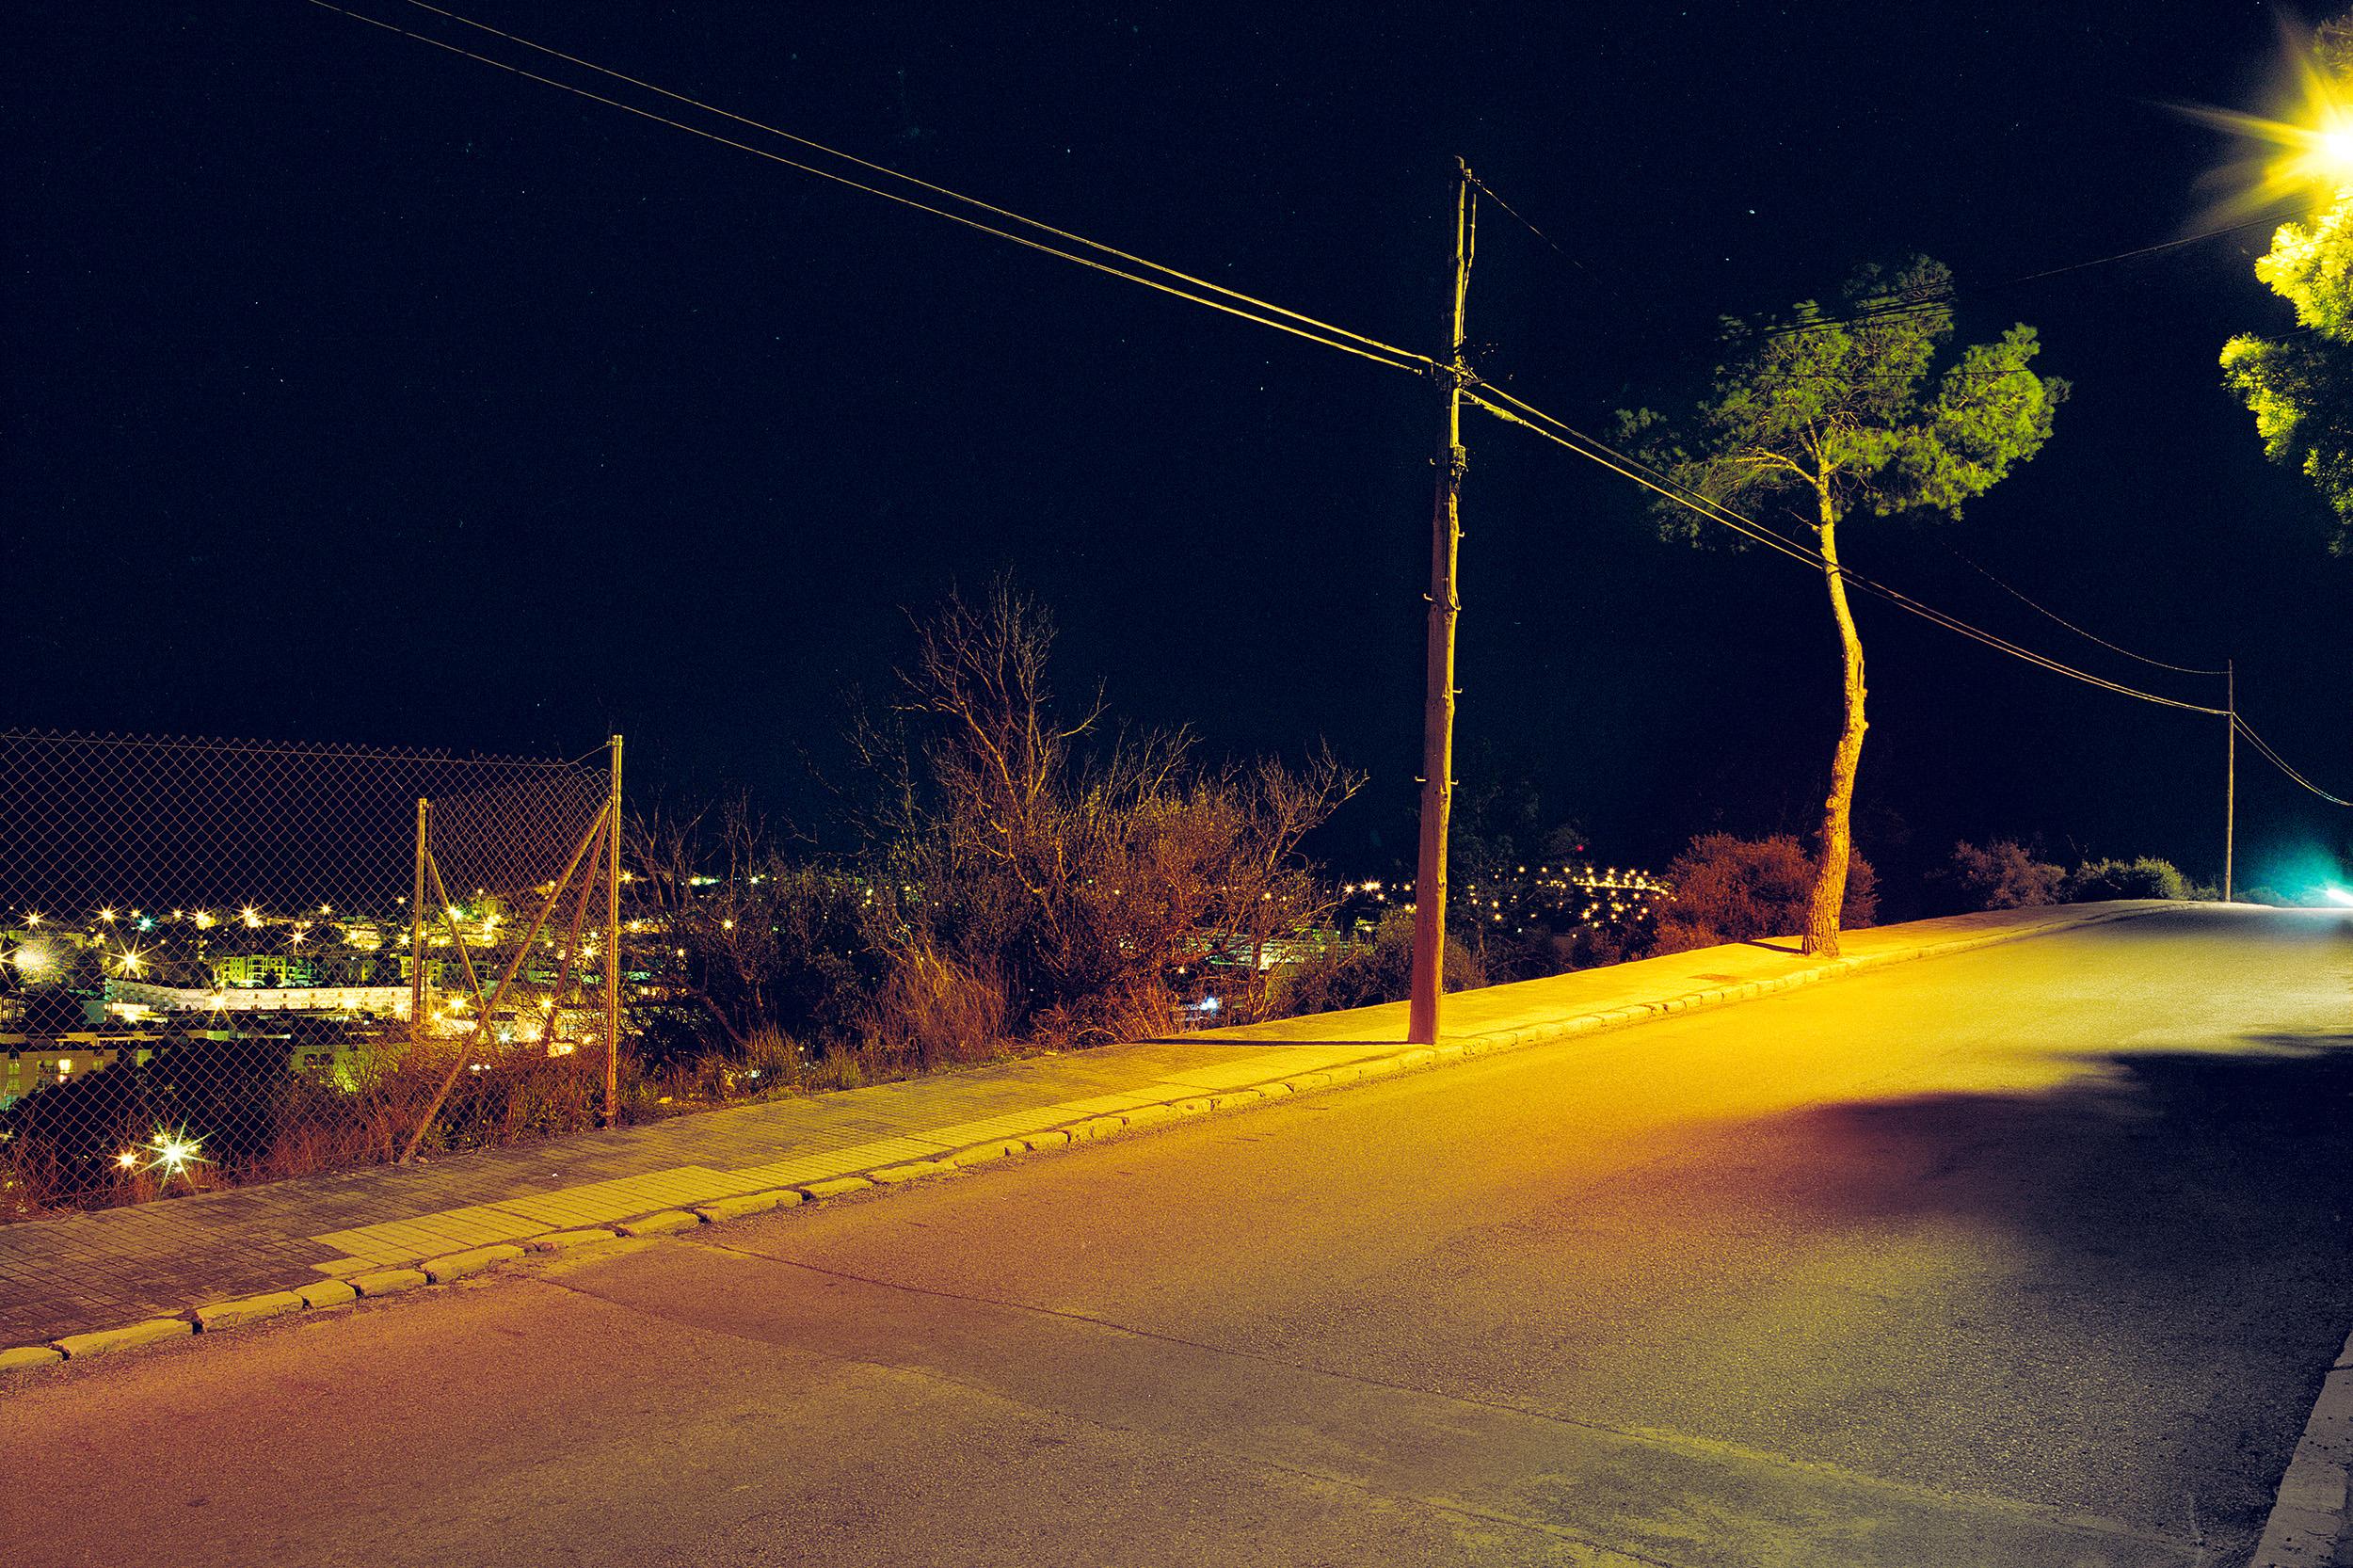 MH_m_night_2